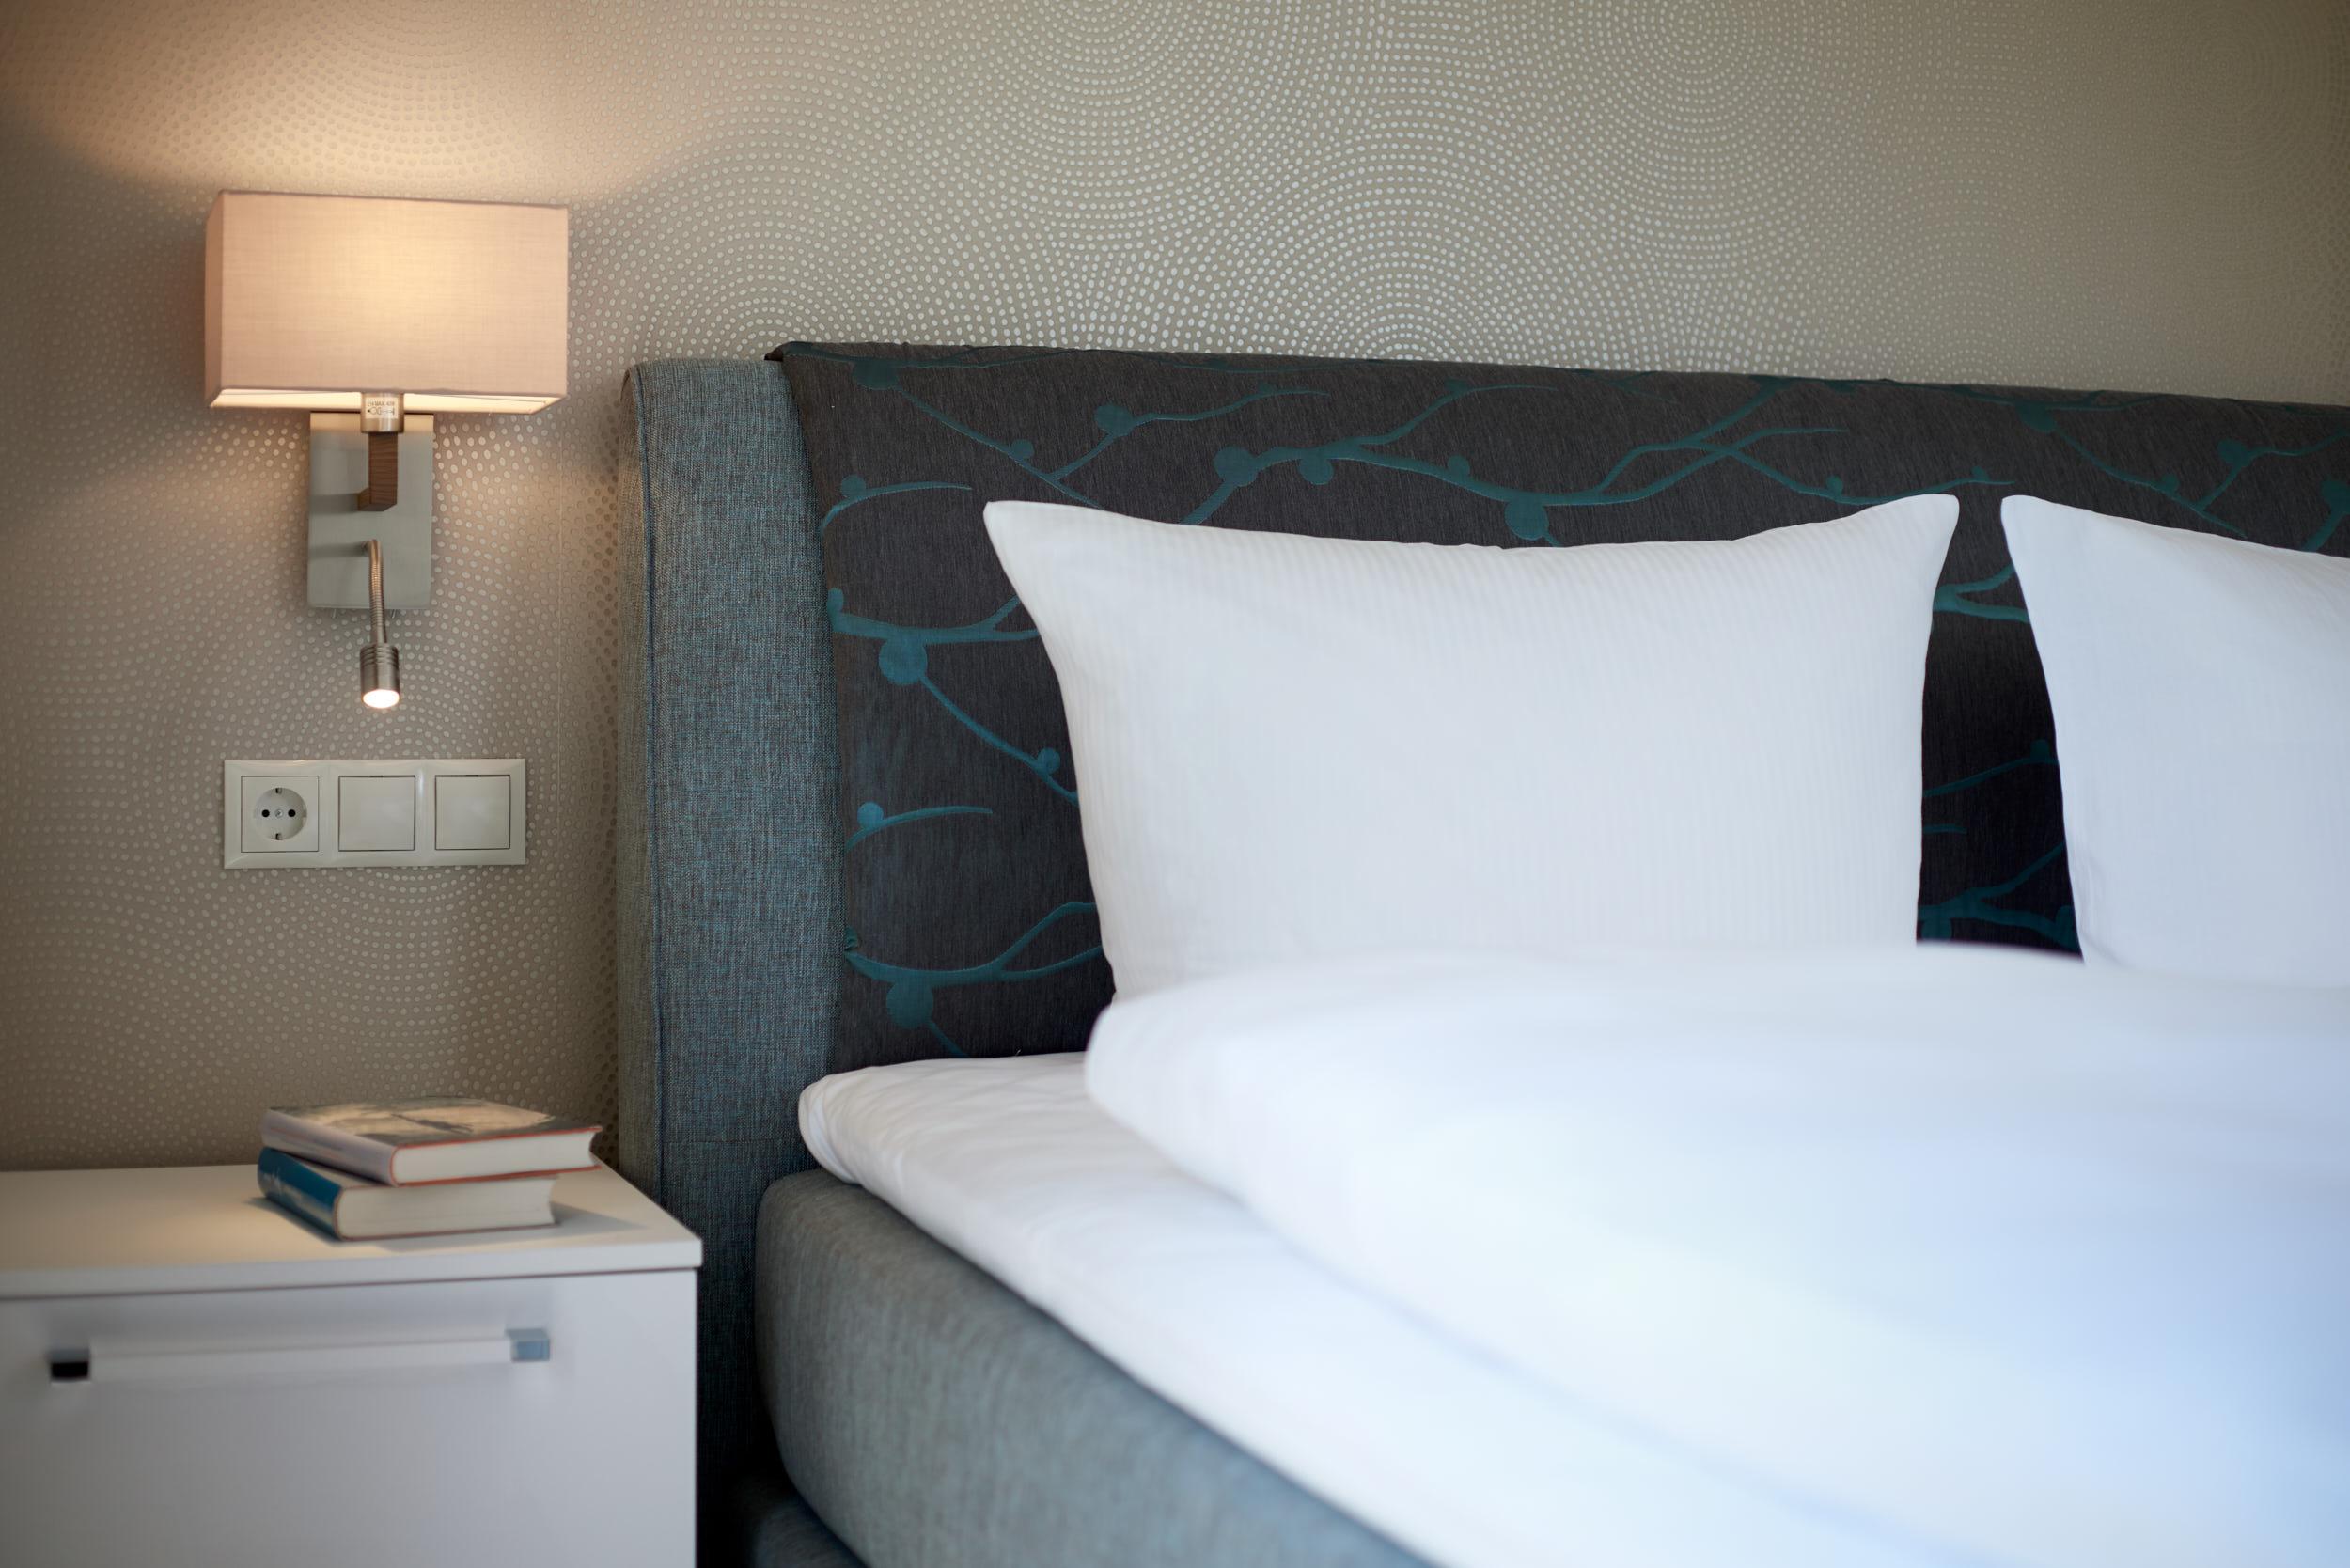 Ferienhaus Ostsee 3 Schlafzimmer. Bettwäsche Jersey Komplett ...